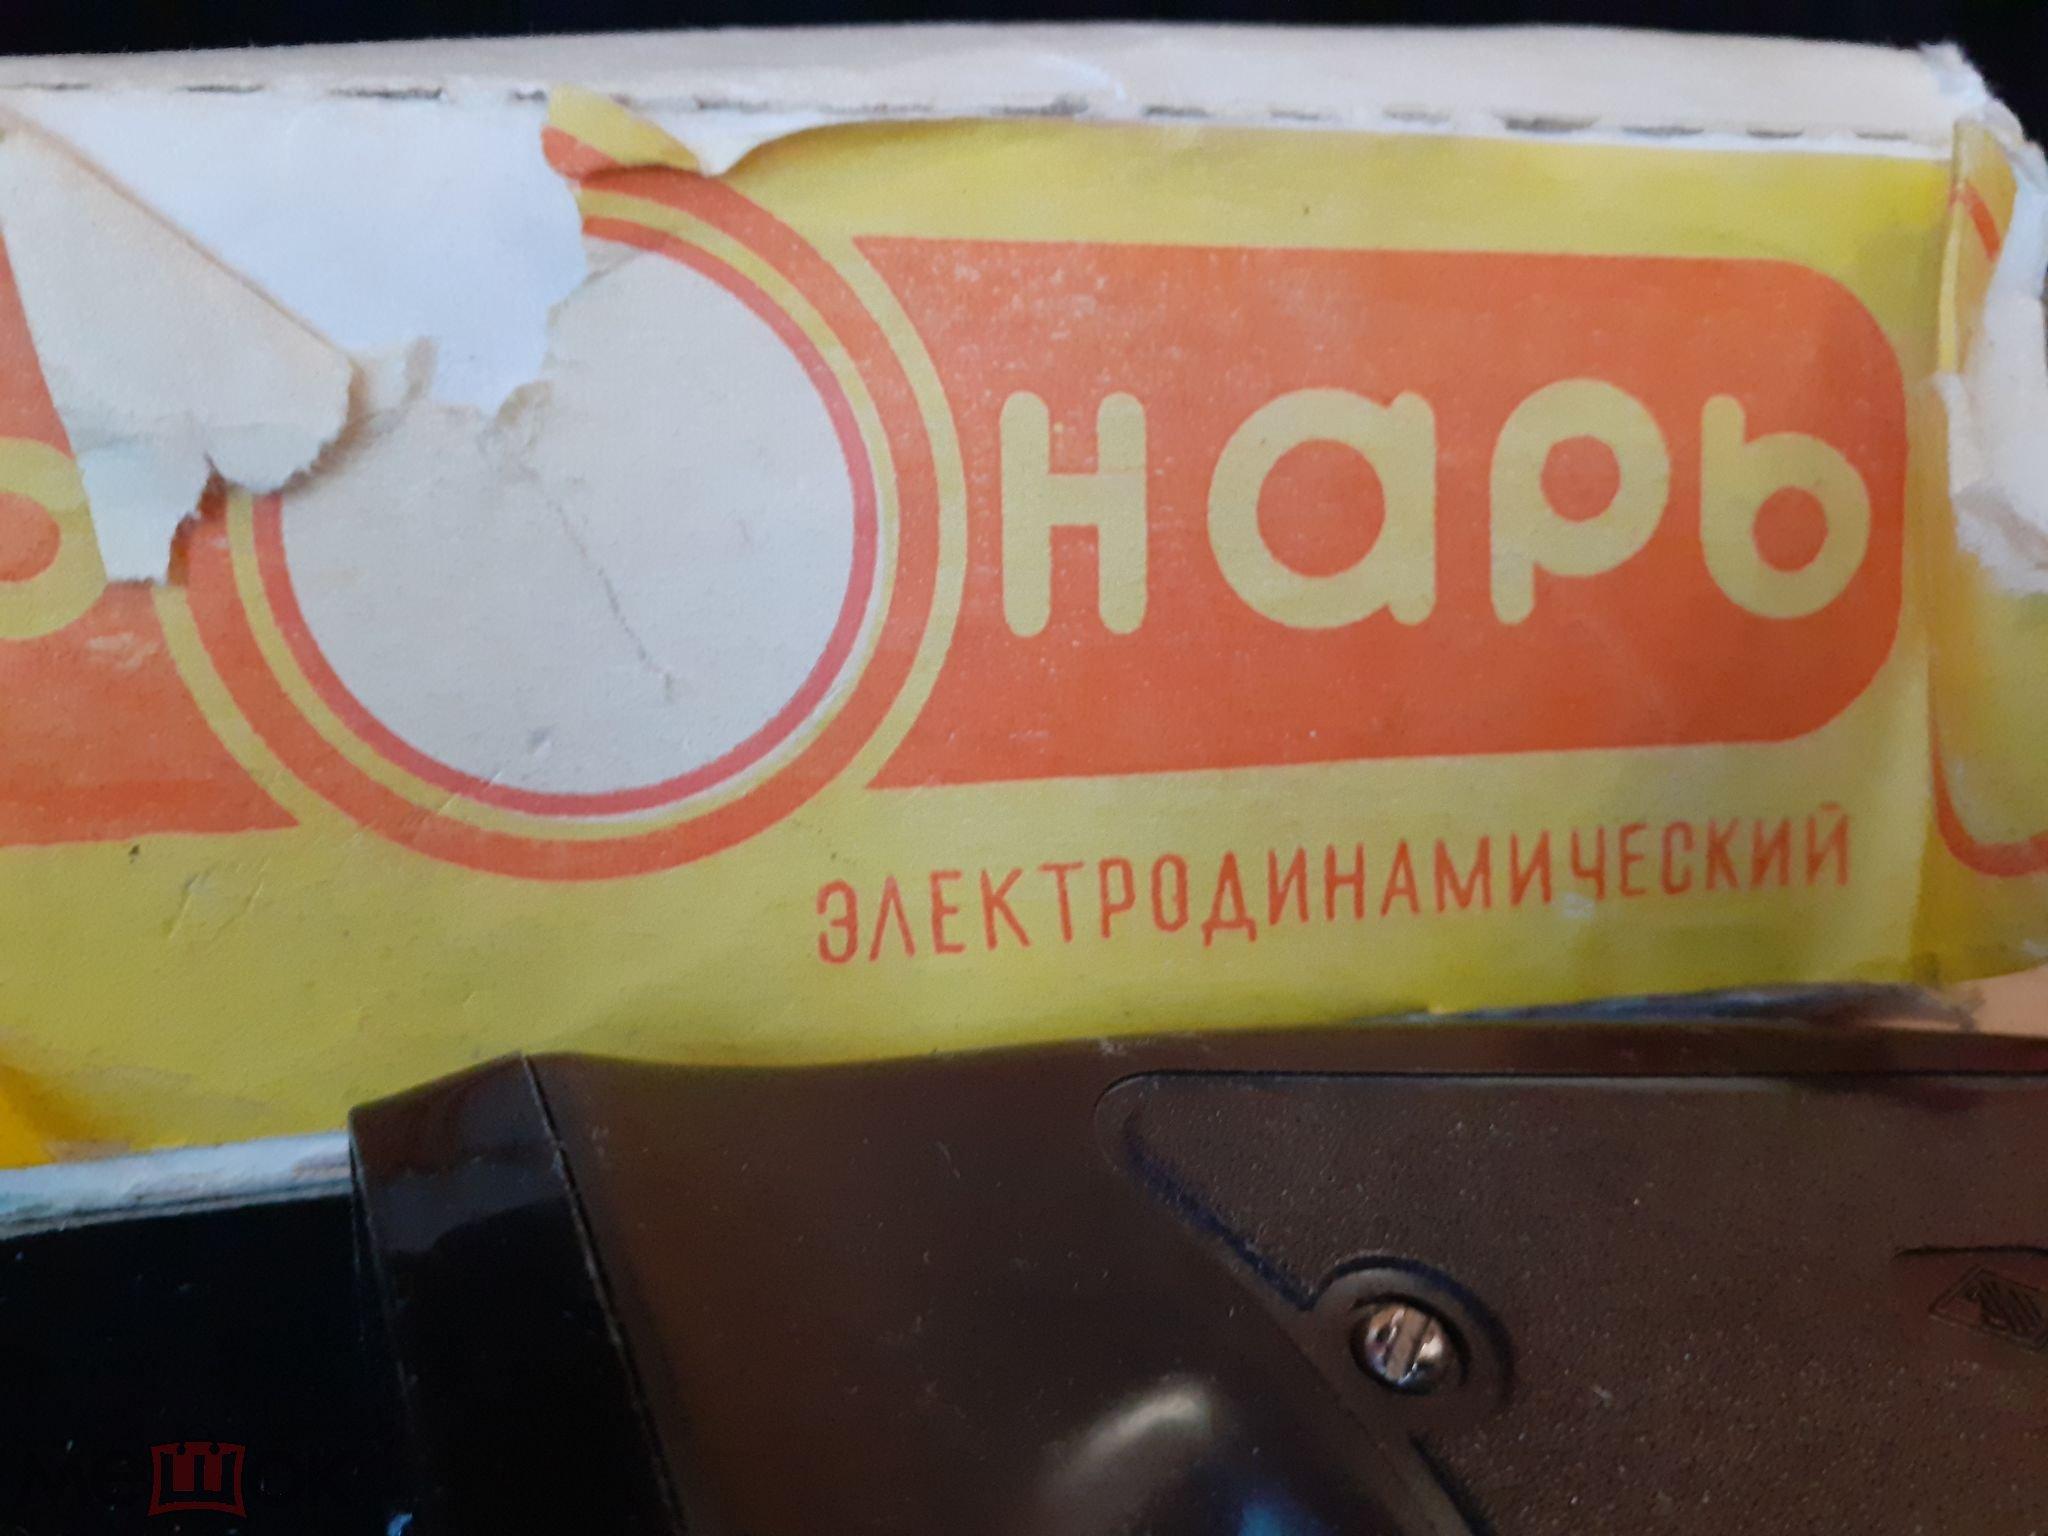 Фонарь электродинамический в родной упаковке !!!! СССР !!! С рубля!!!!